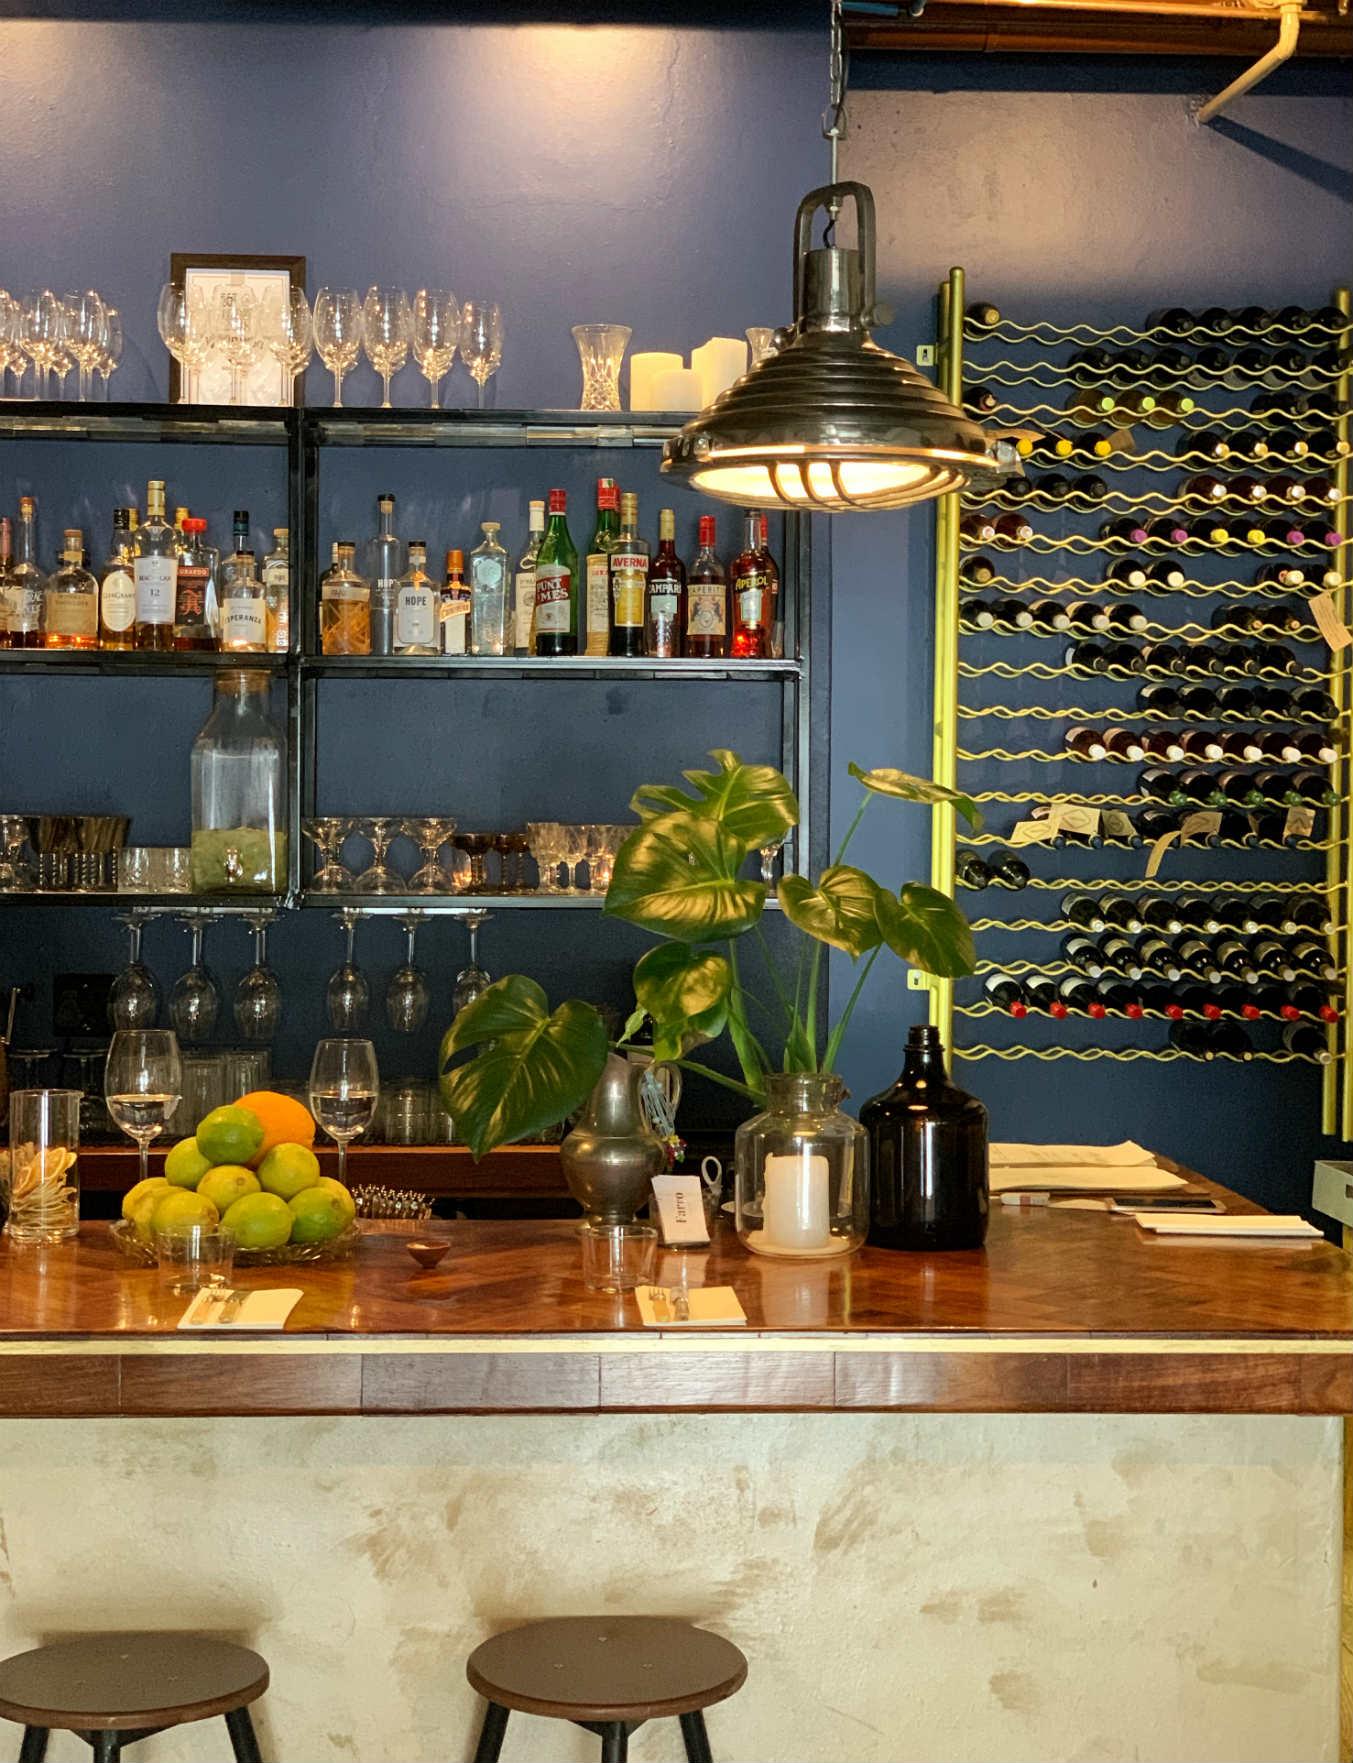 Farro Illovos bar